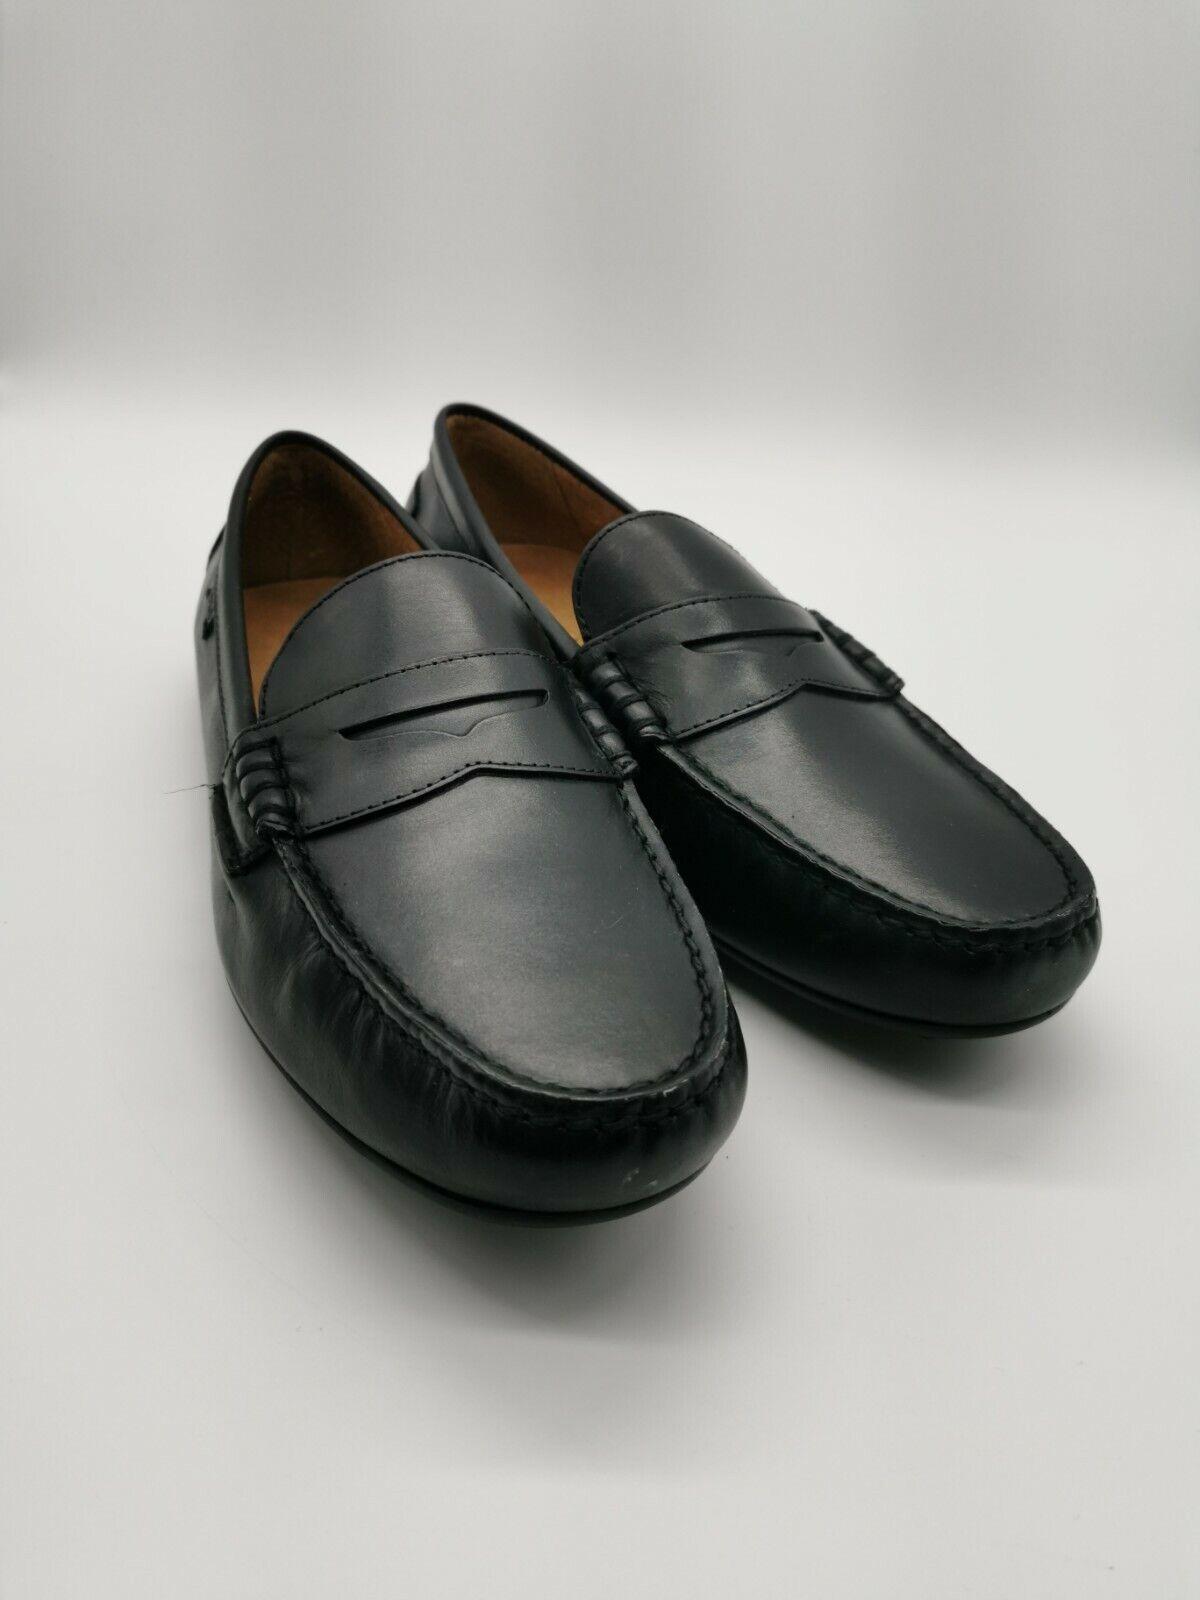 Ralph Lauren Herren Schuhe Mokassins WES-E-SO-DRV  Gr 43 UK 9 US 10